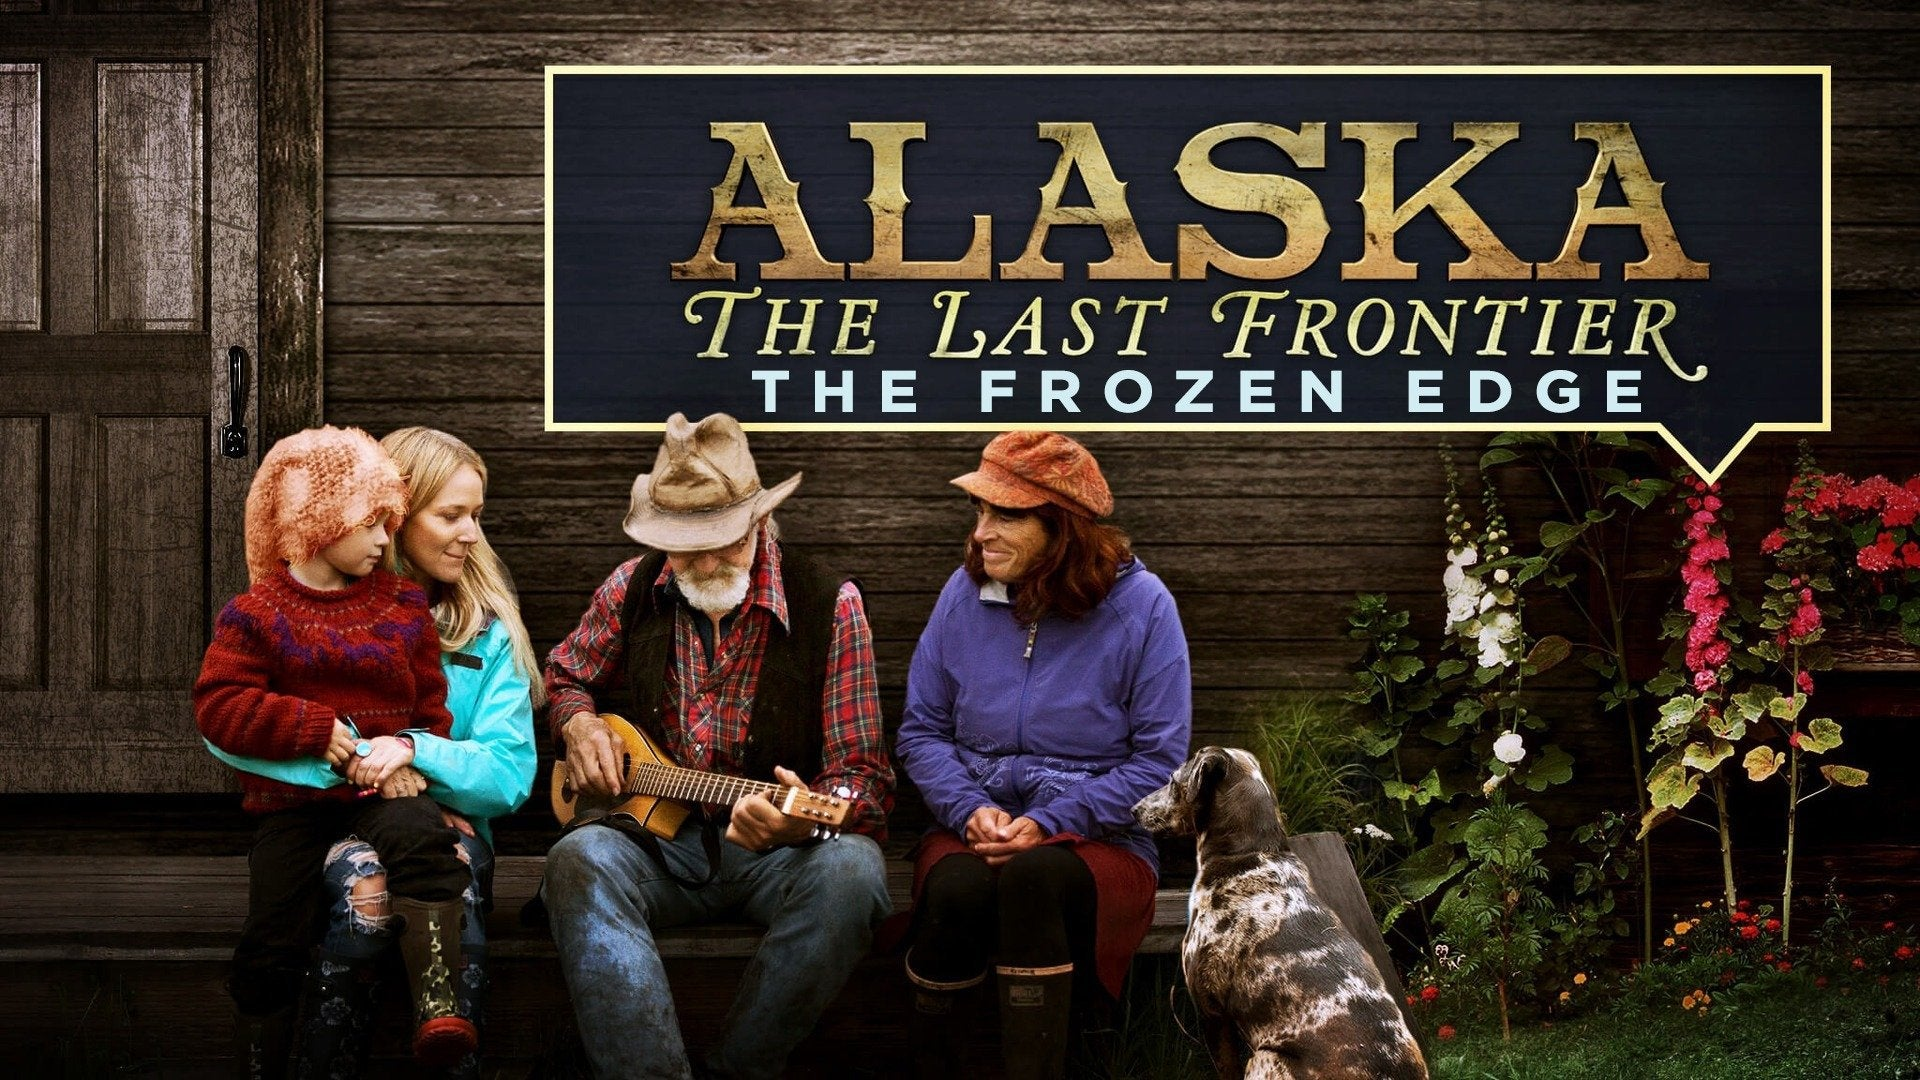 Alaska: The Last Frontier: The Frozen Edge